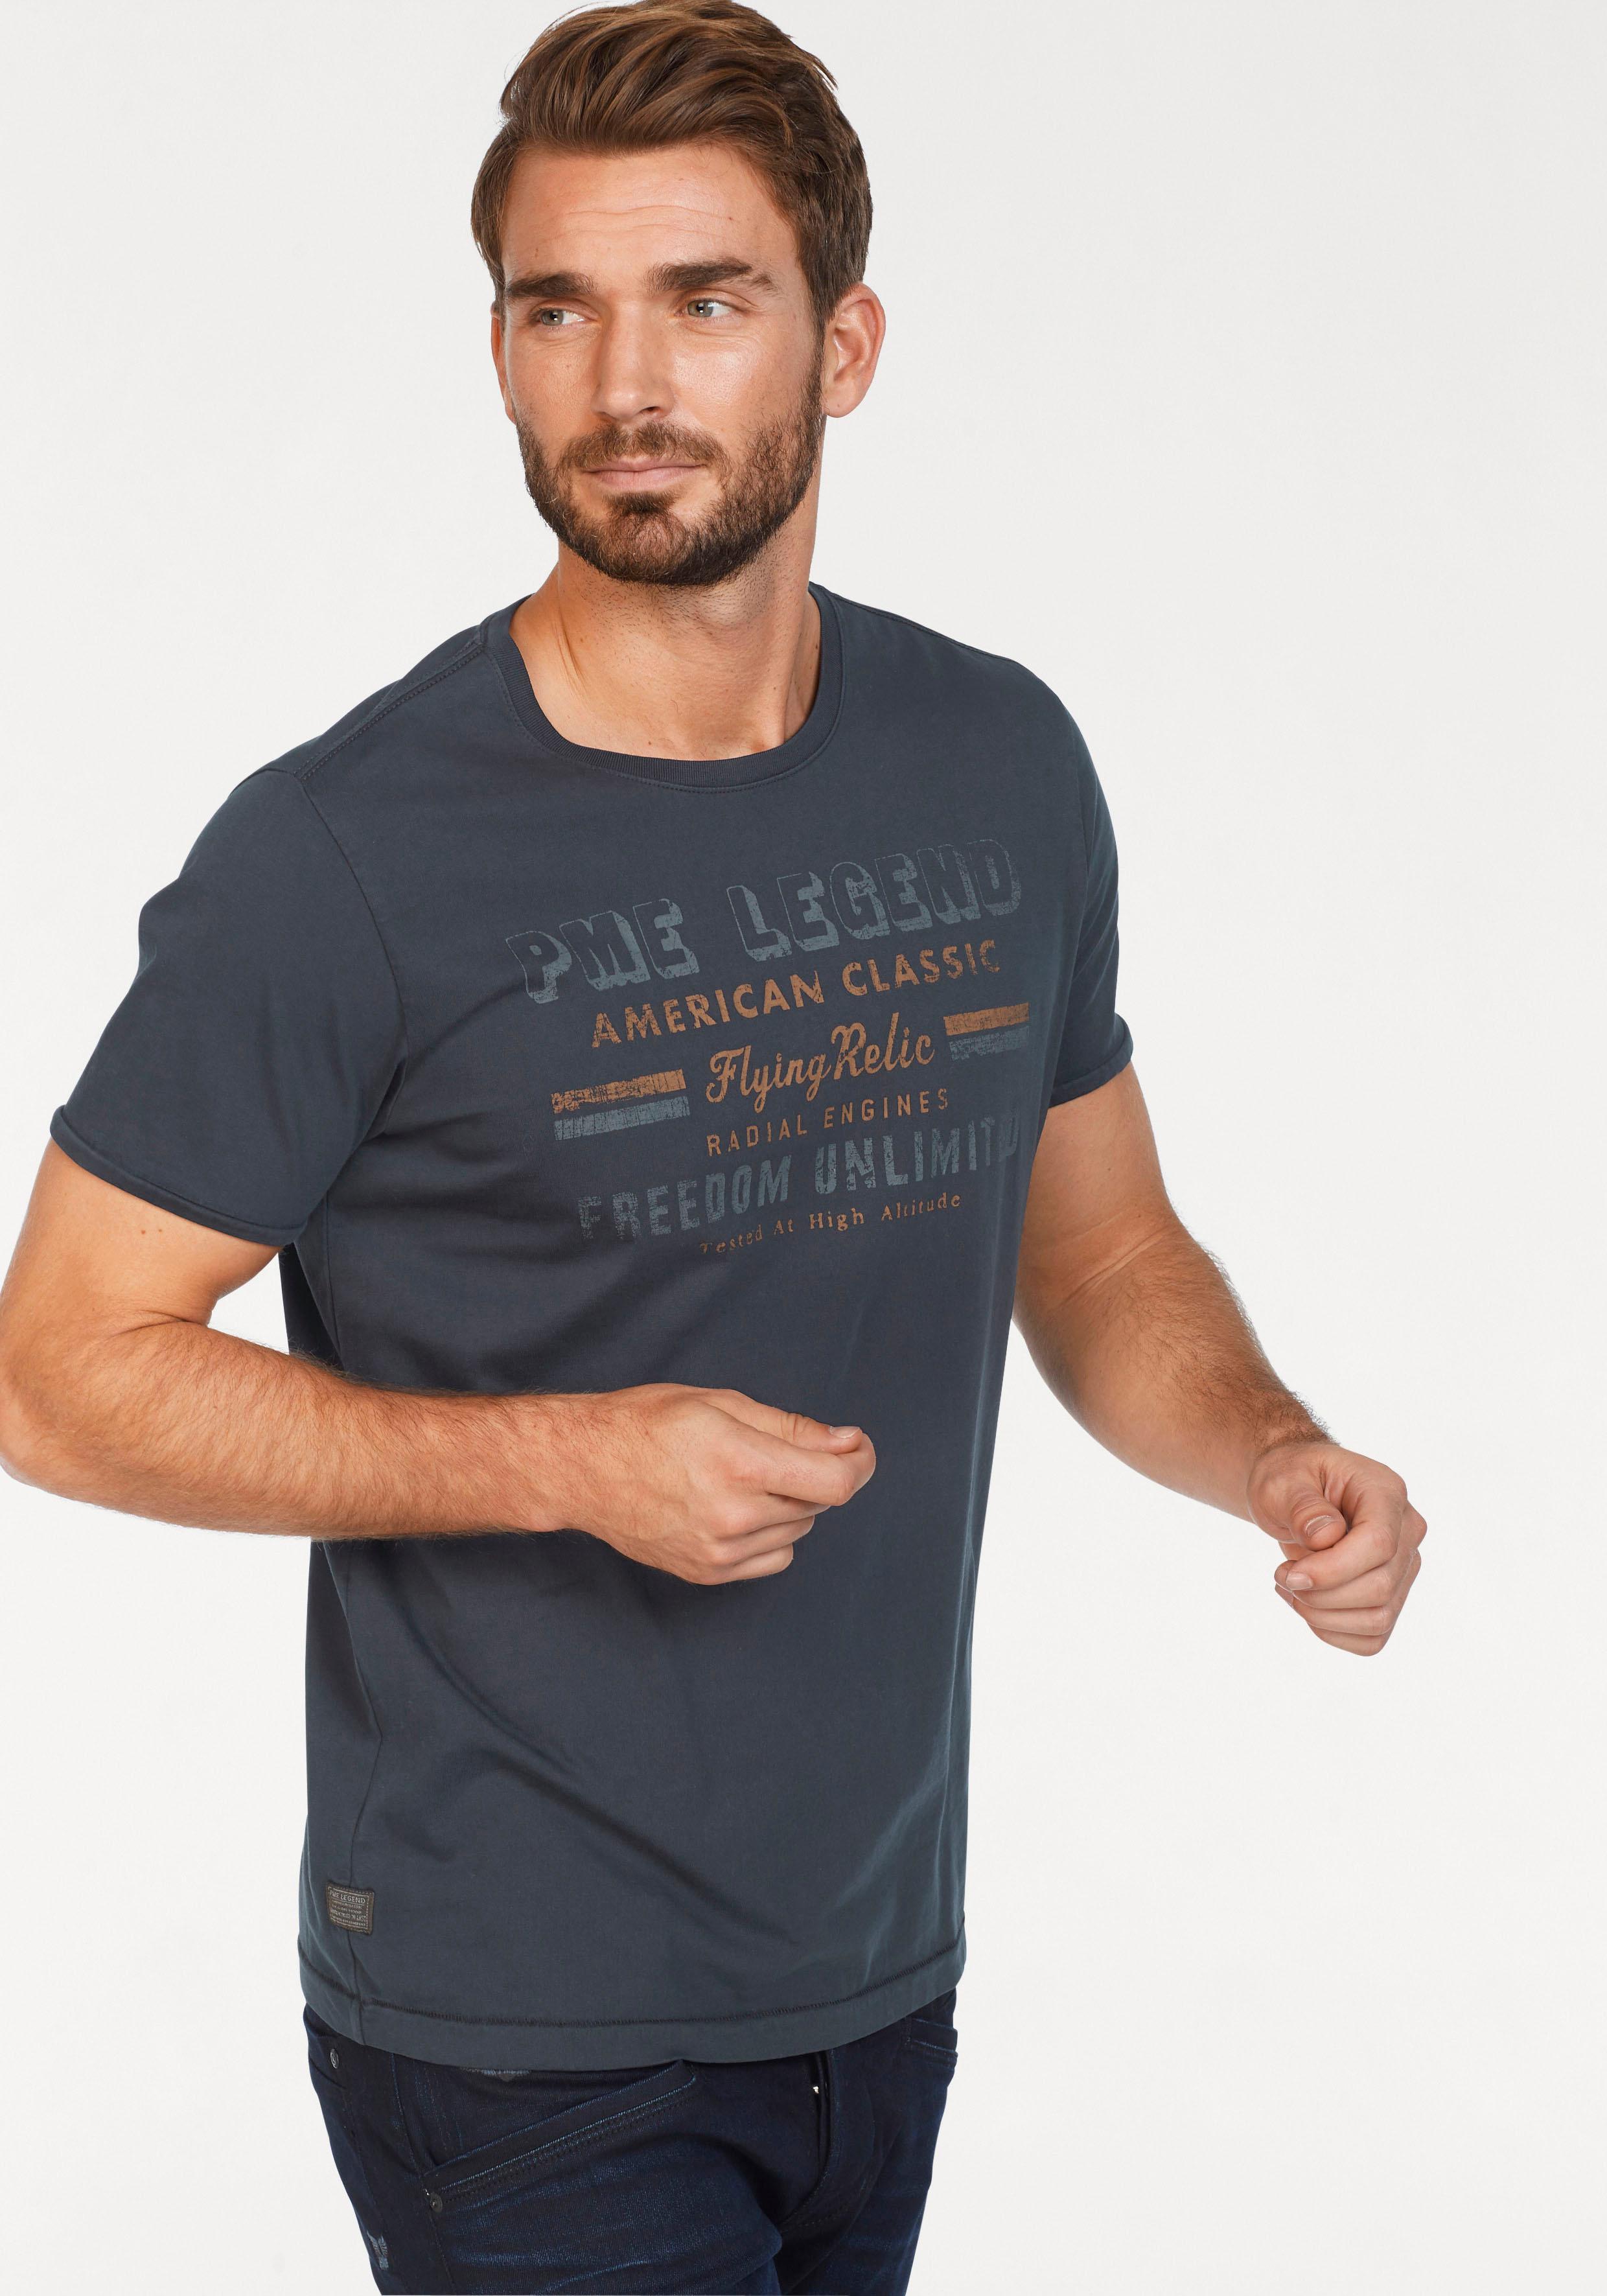 pme-legend Sonstige Shirts für Herren online kaufen   Herrenmode ... d029dbb199